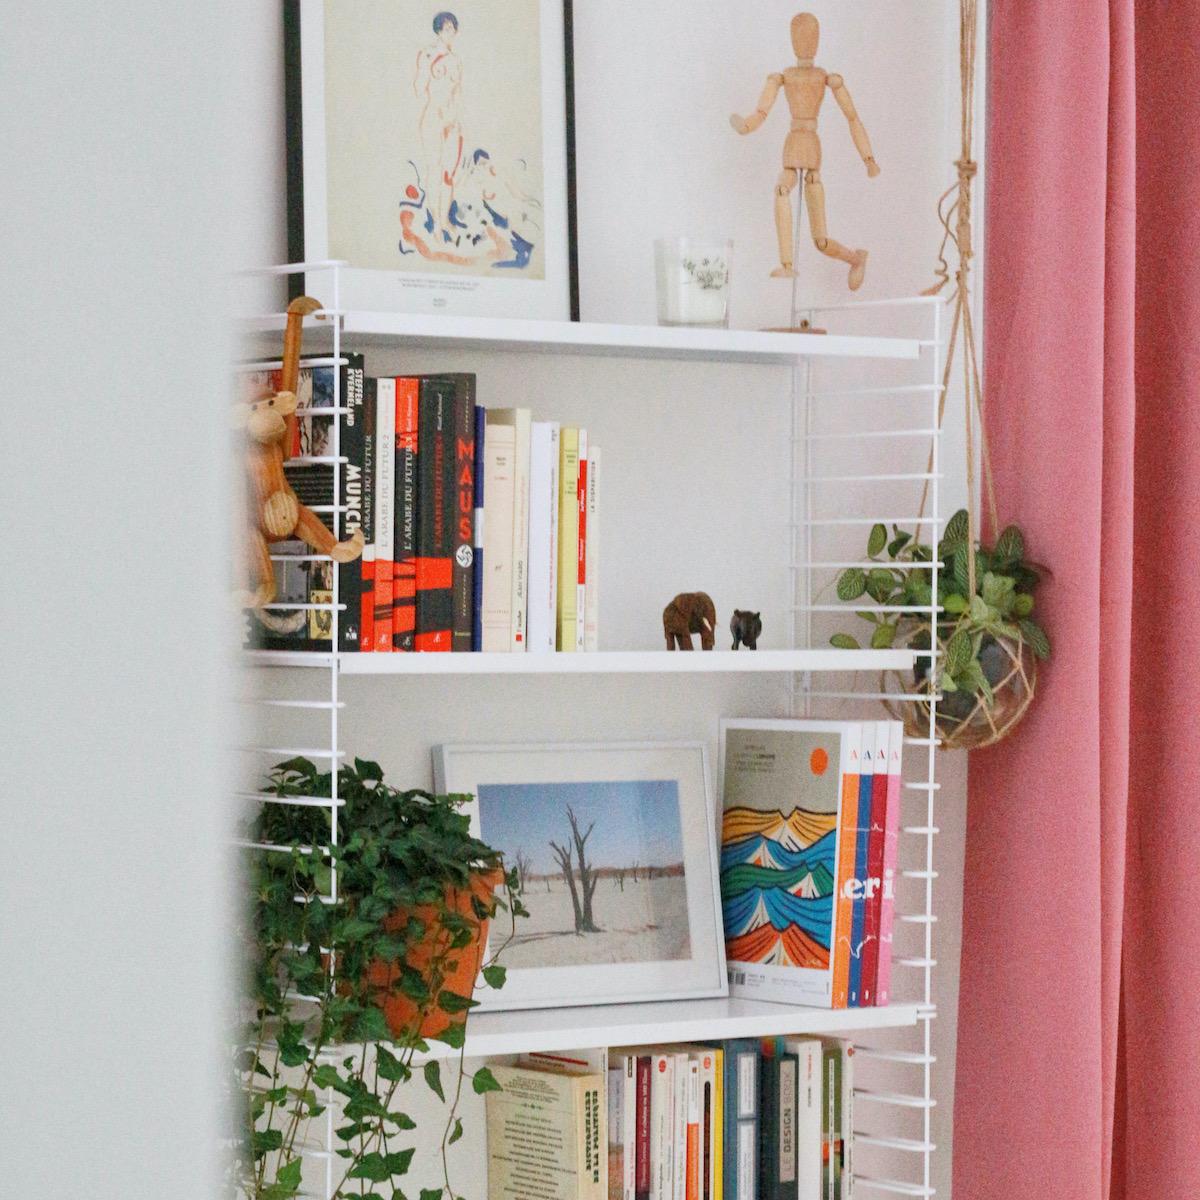 blog déco clematc bibliothèque blanche scandinave rideaux rose